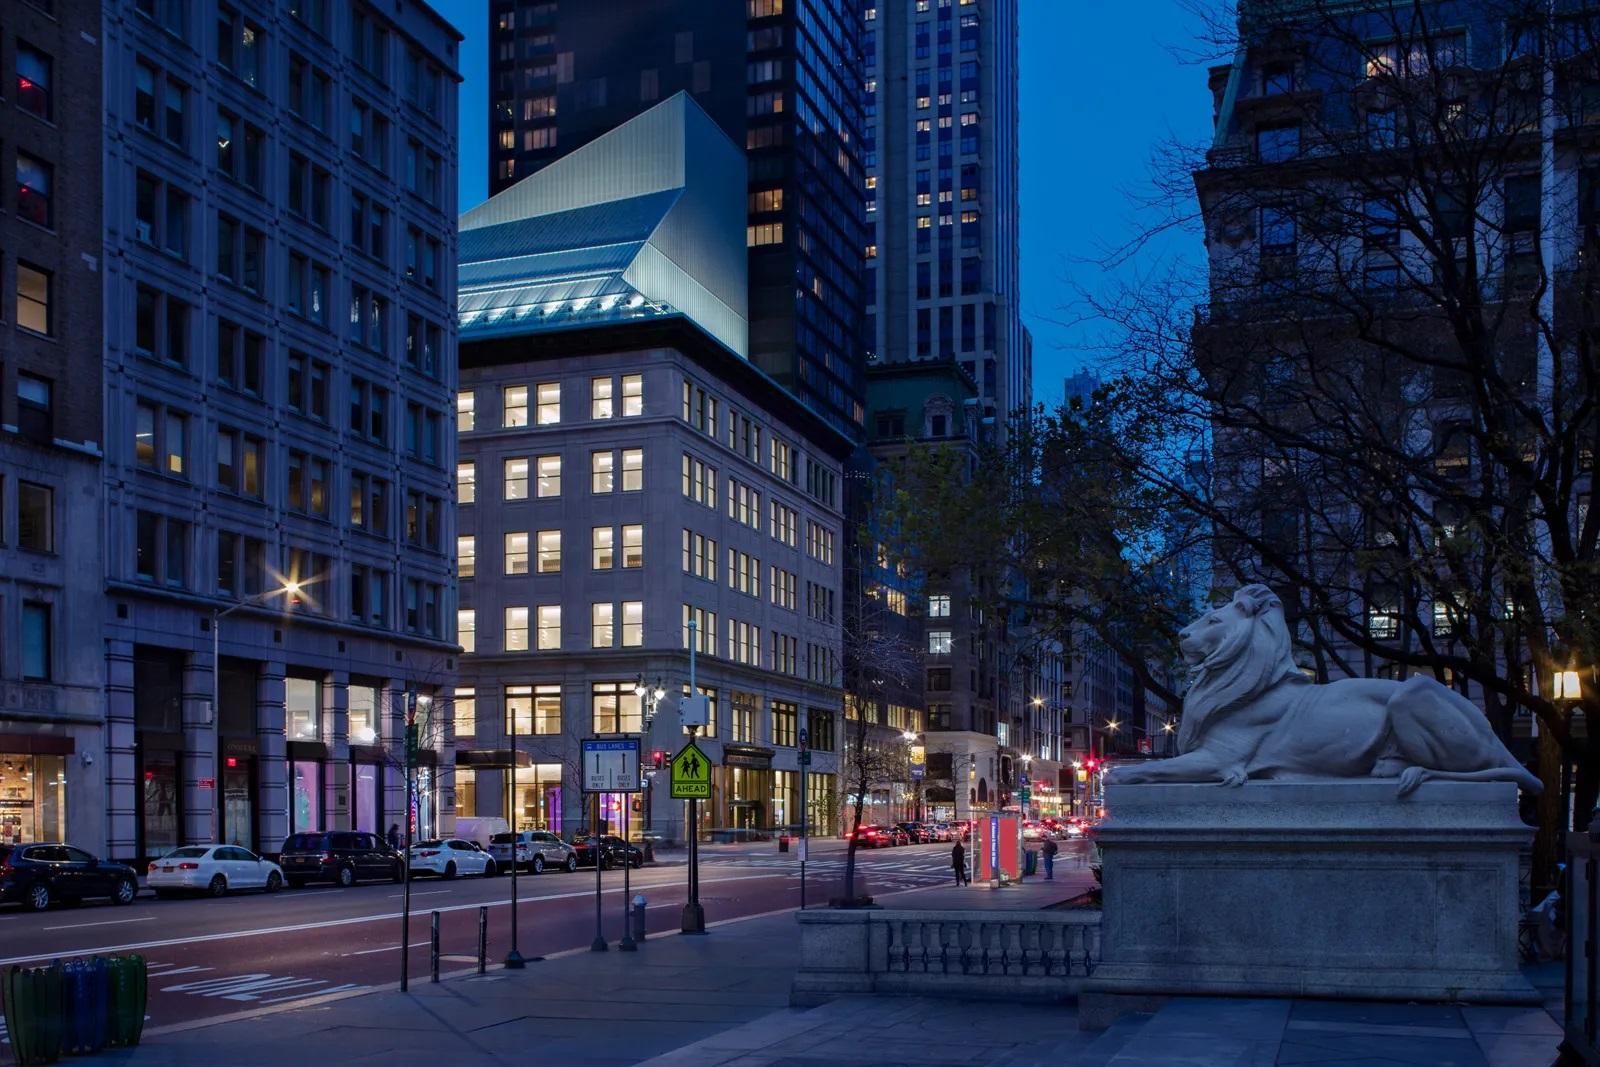 Elképesztő lett a New York-i könyvtár